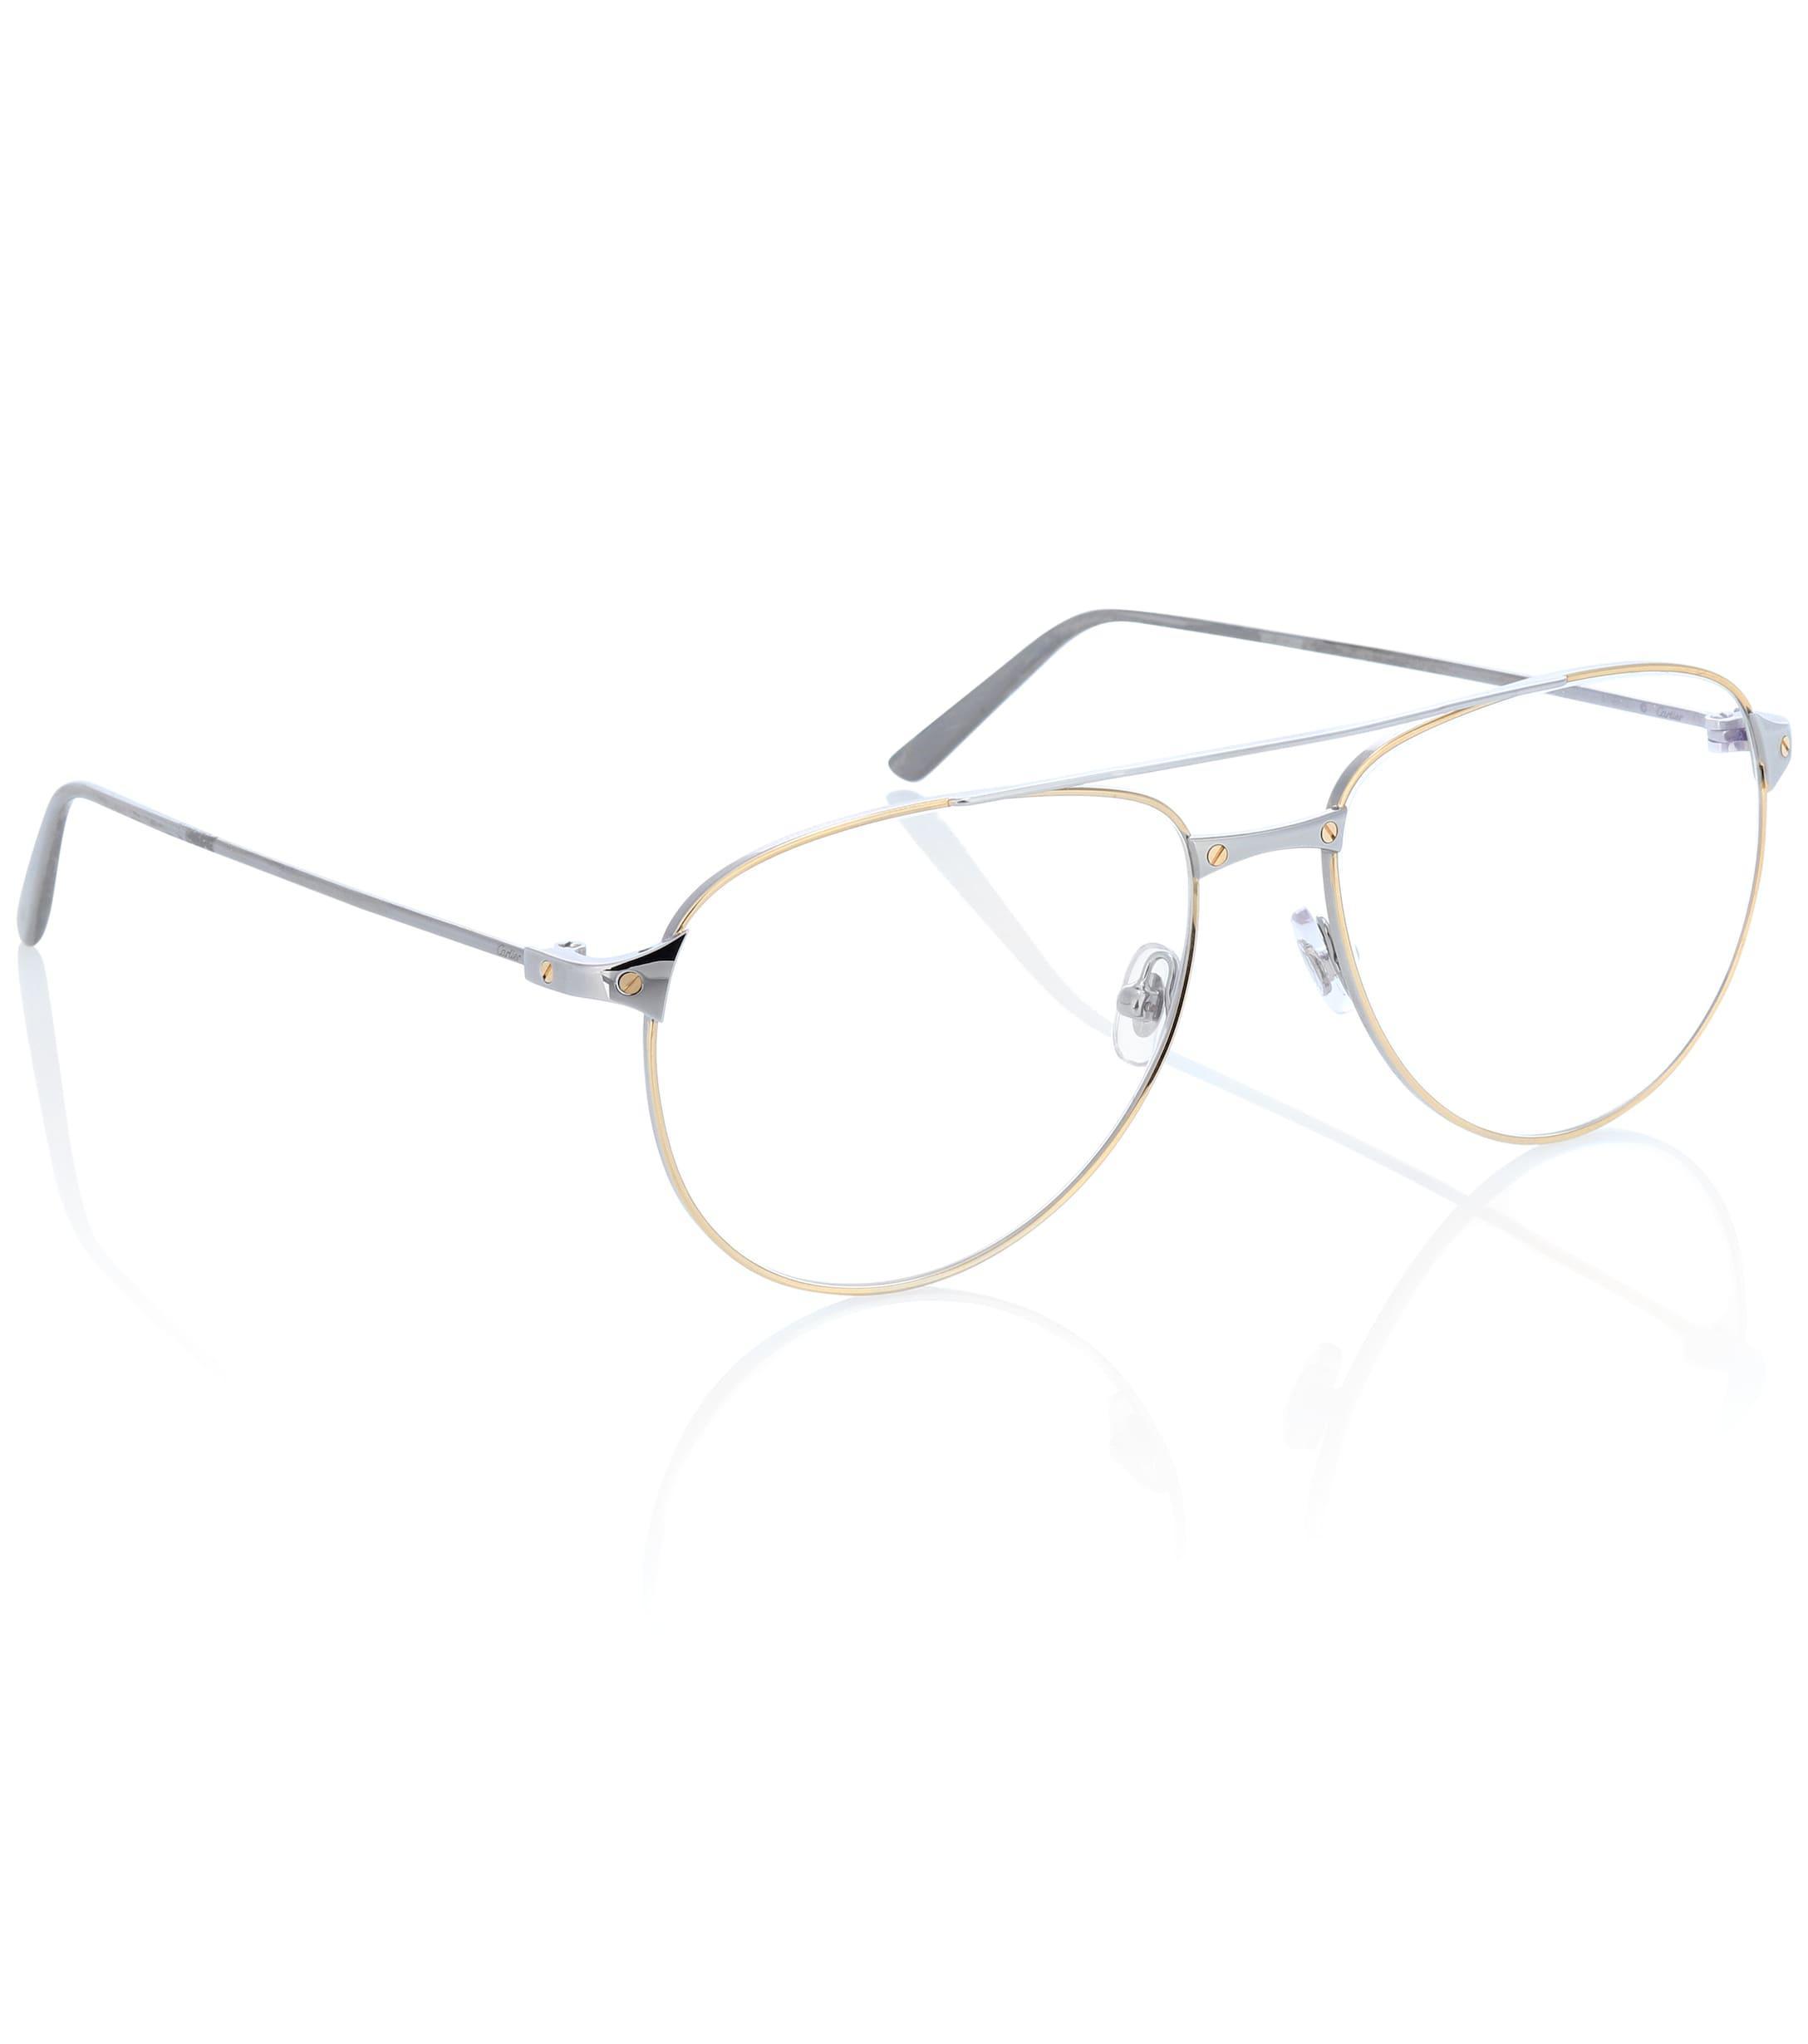 a43eeb59be73a Cartier - Metallic Santos De Cartier Aviator Glasses - Lyst. View fullscreen